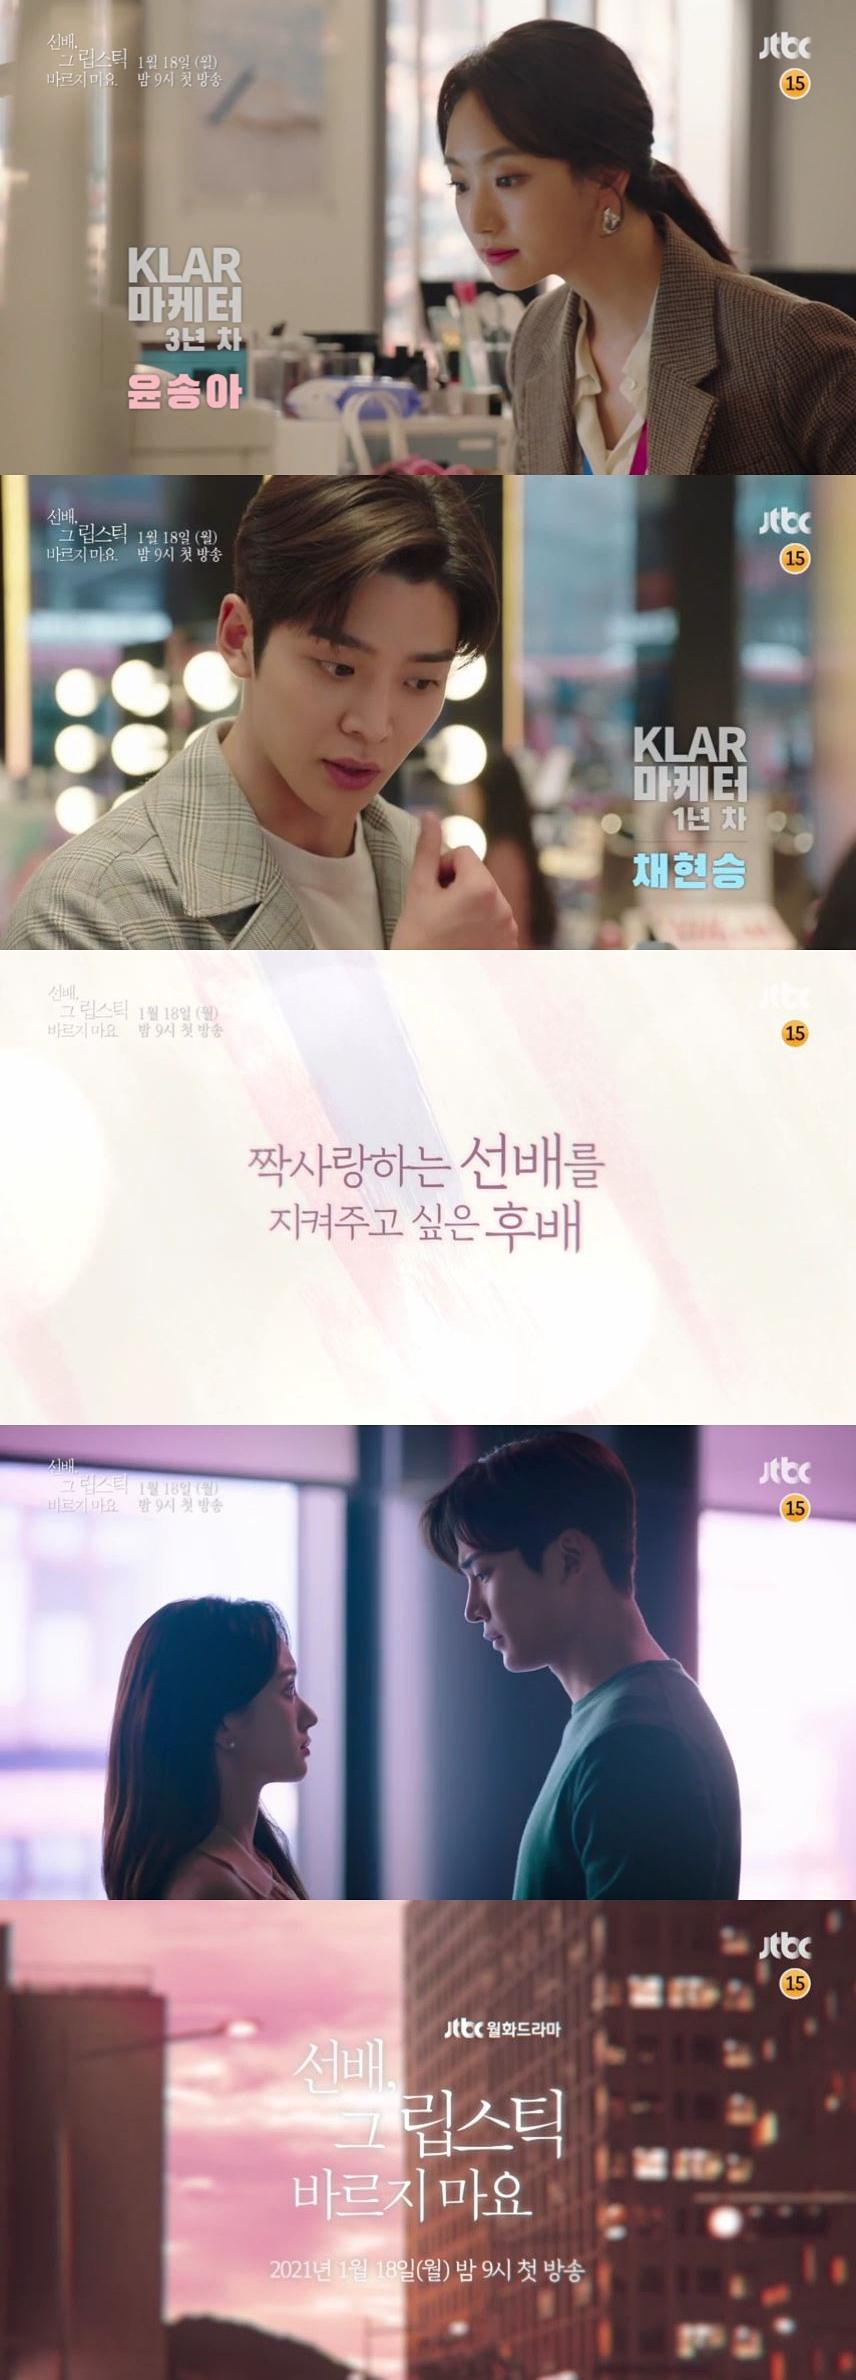 """'선배 그 립스틱 바르지 마요' 로운, ♥원진아에 """"더는 못 참겠어요 이제"""""""